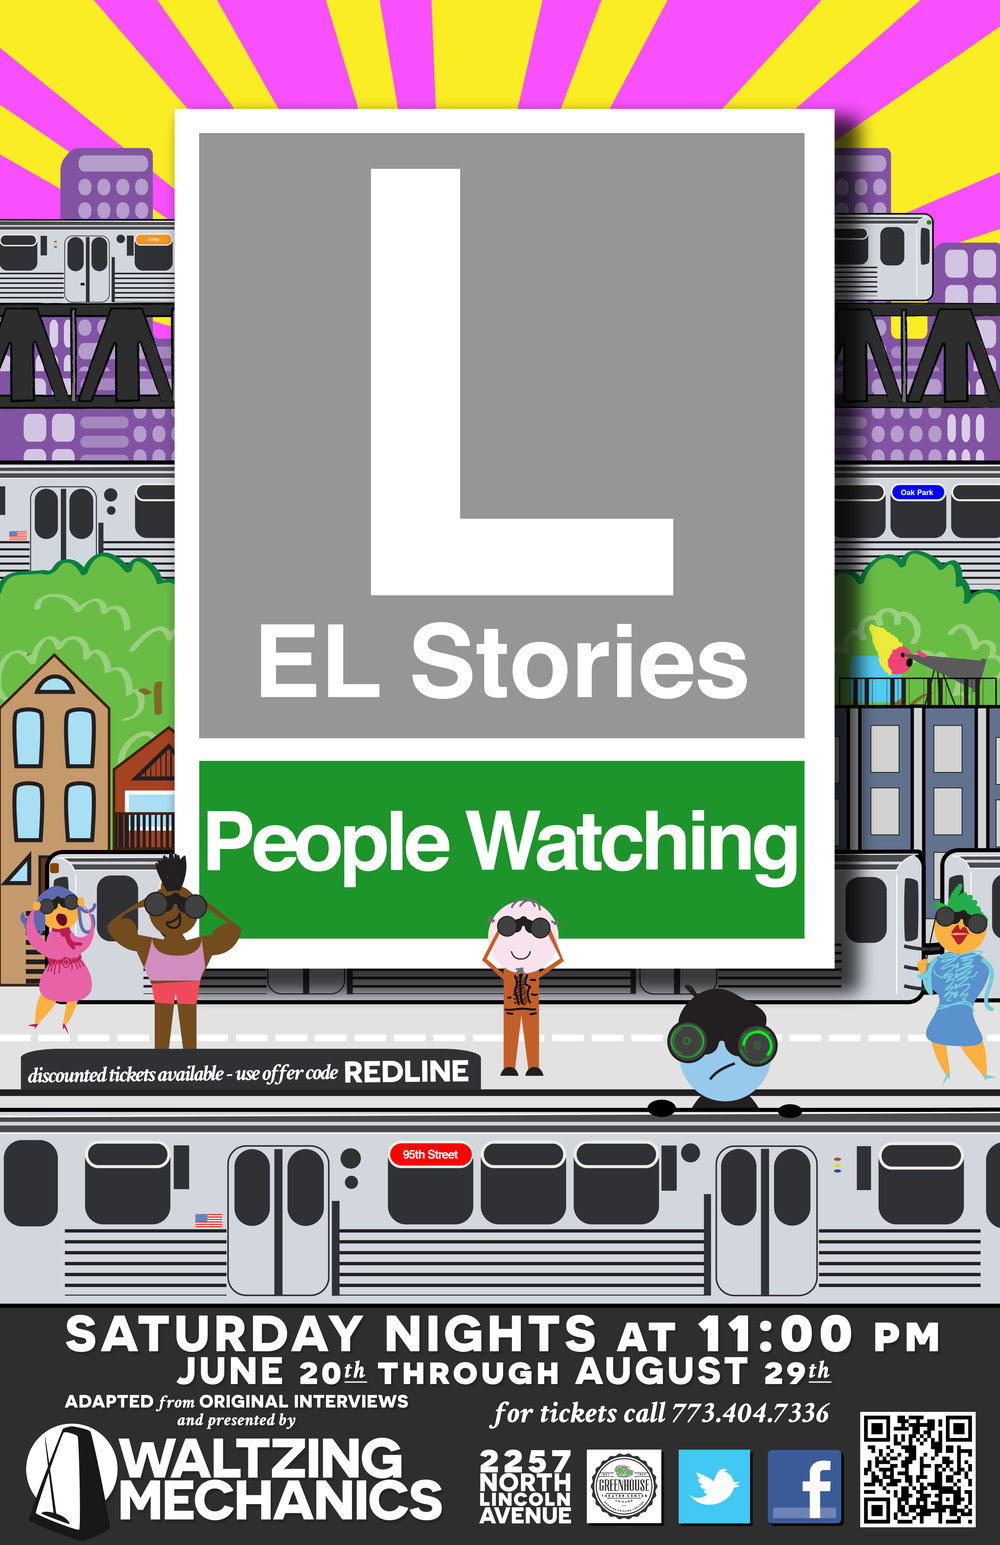 EL Stories 21